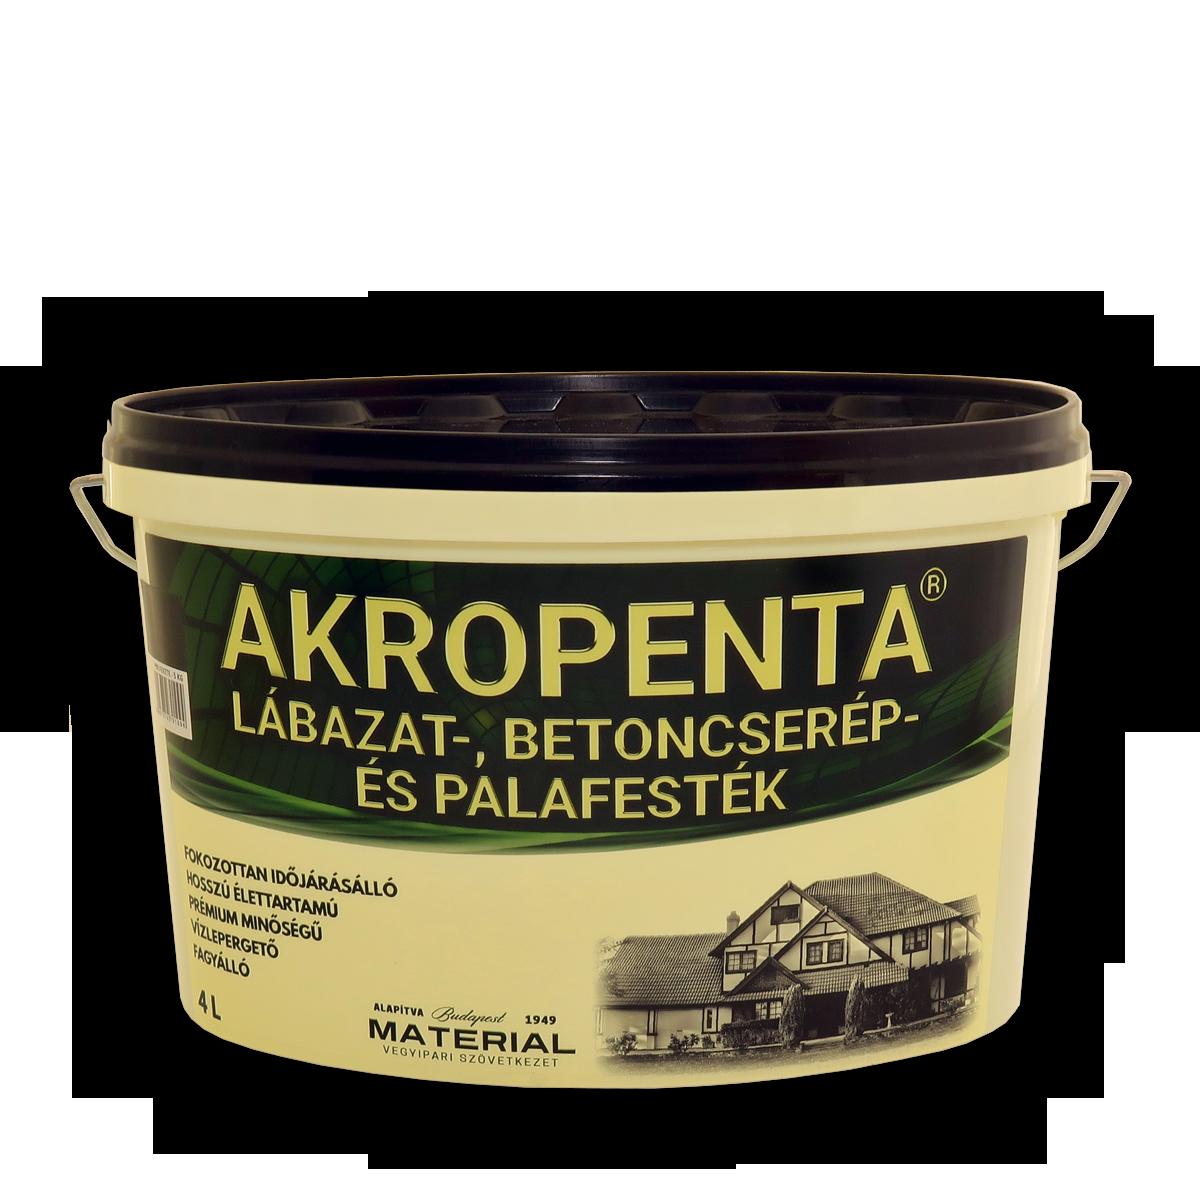 Akropenta lábazat-, betoncserép és palafesték